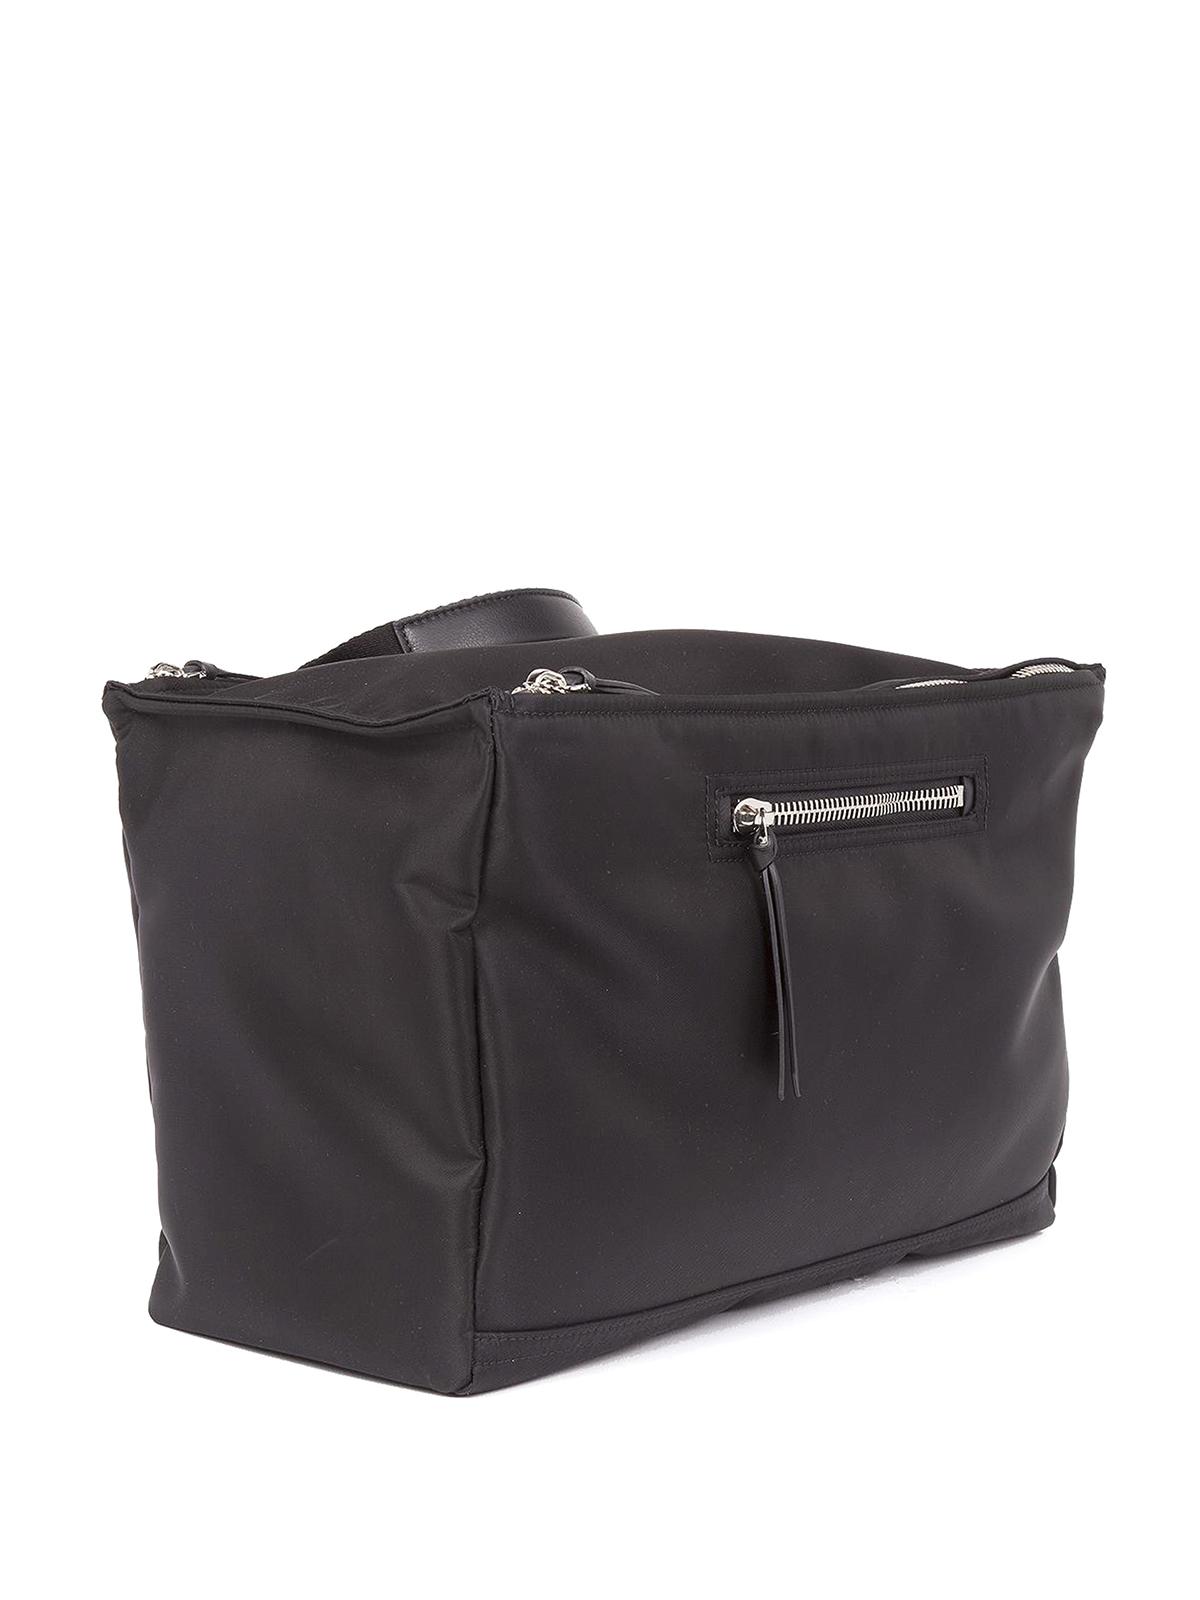 a7af62c0a1 Givenchy - Pandora messenger nylon bag - shoulder bags - BJ050245180049